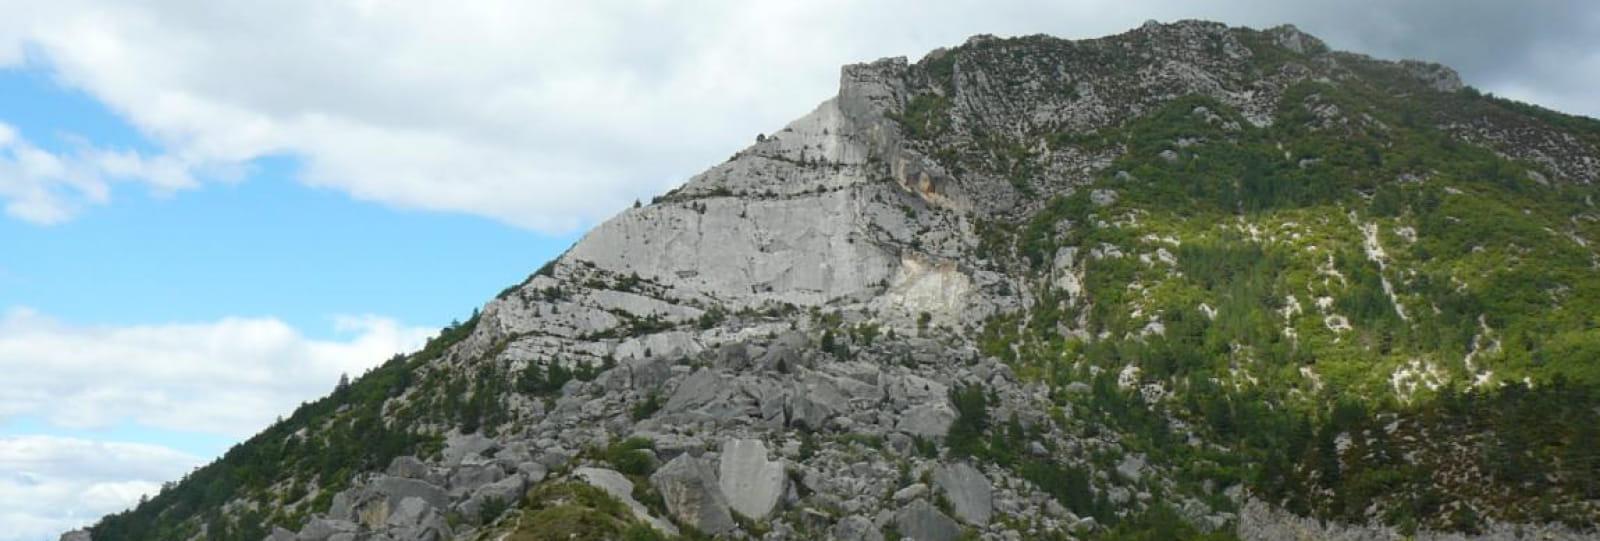 Claps de Luc et Saut de la Drôme